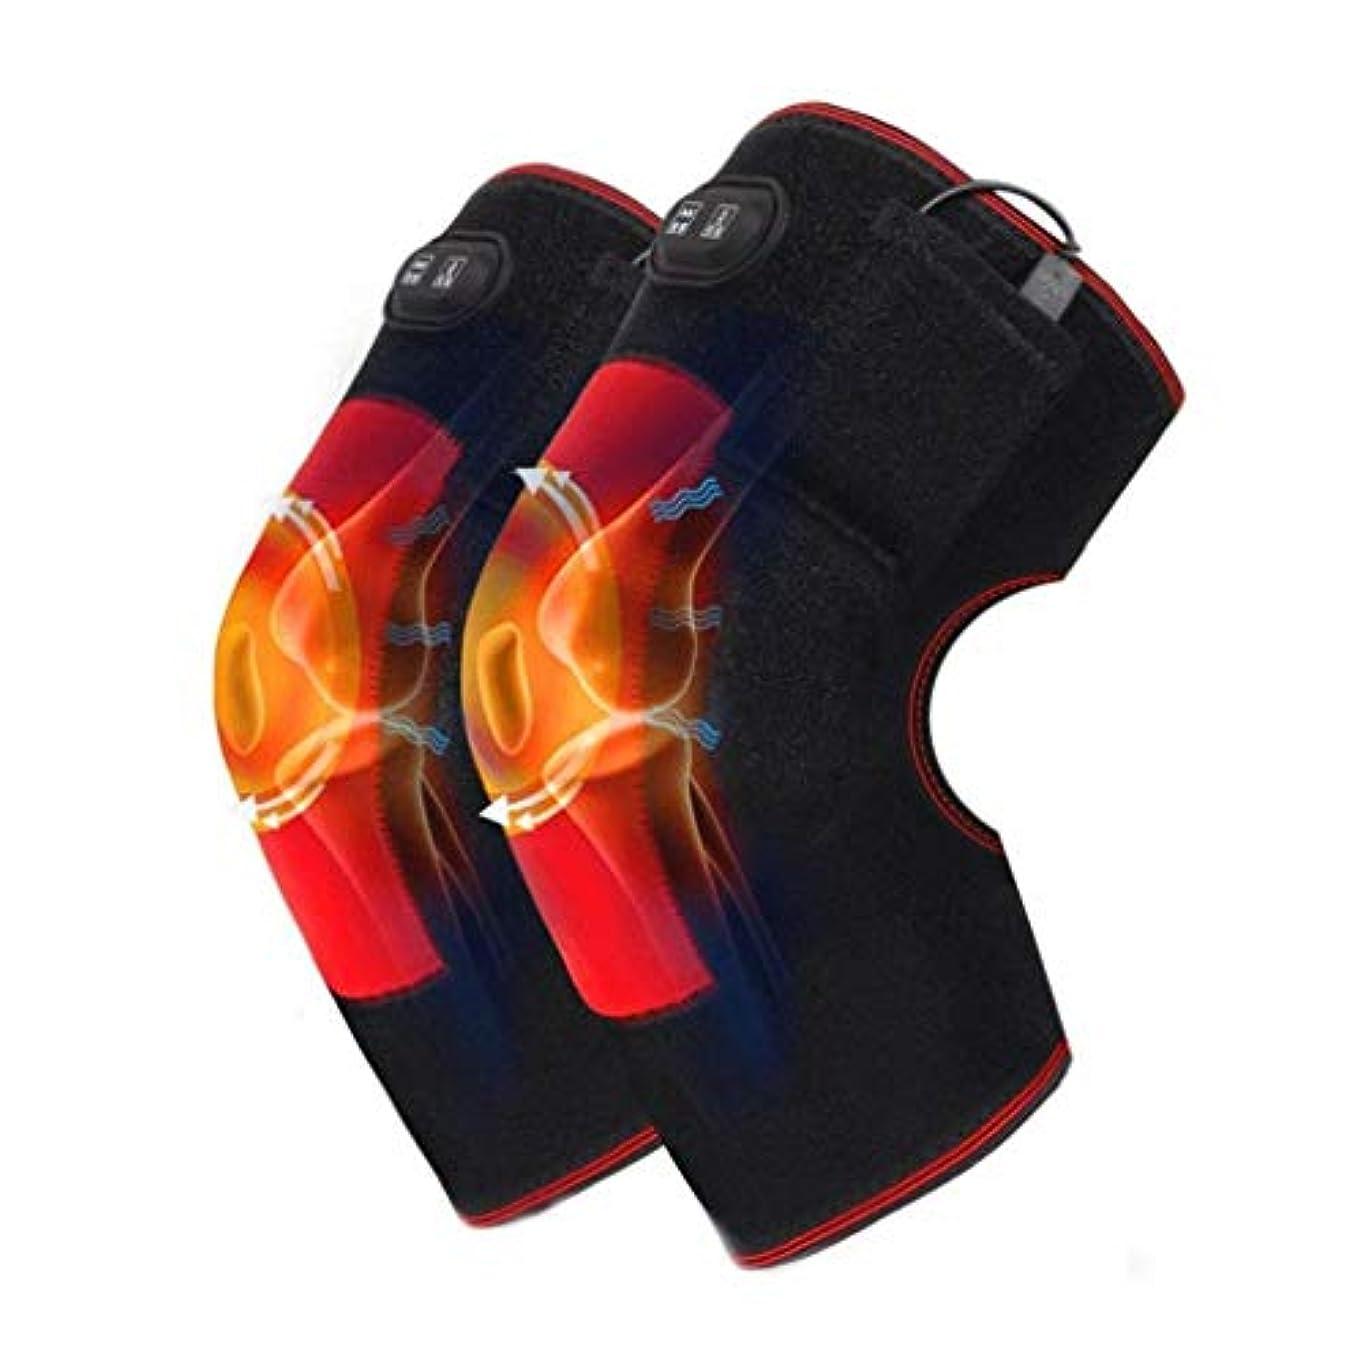 体操植木不正直膝圧迫スリーブ、膝巻き式温熱パッド、関節炎、慢性関節痛、腱炎、膝脱臼、涙靭帯を効果的に緩和できる